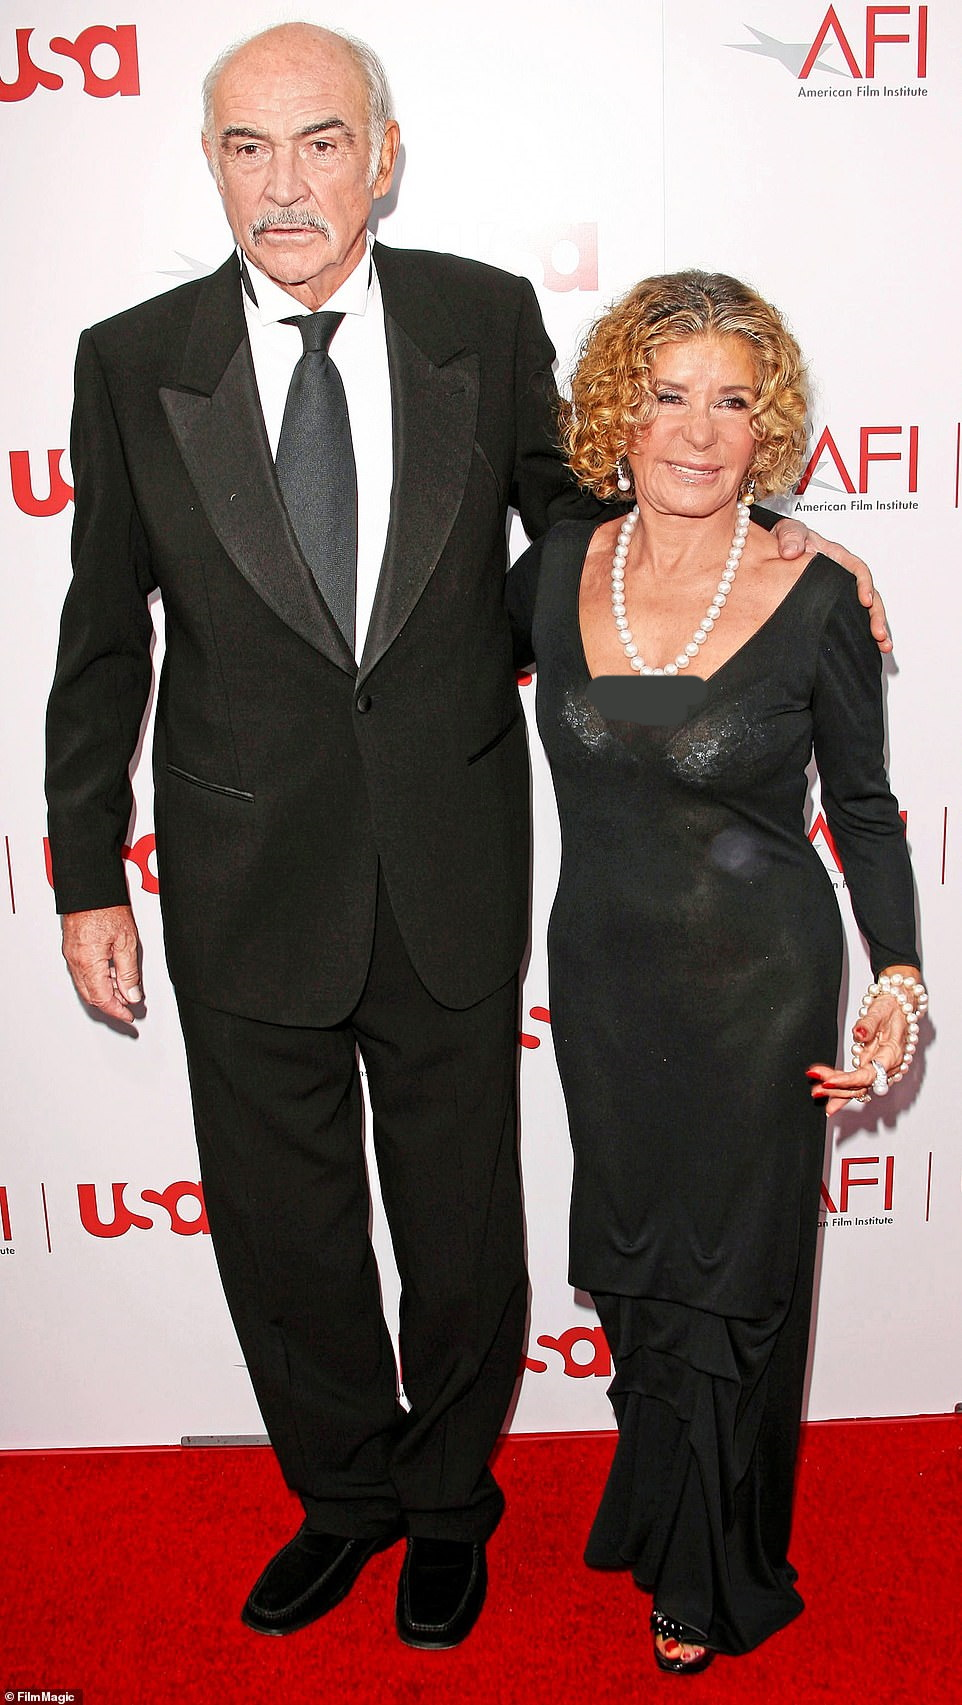 همسر شان کانری ، ستاره افسانه ای سینمای بریتانیا و بازیگر سرشناس مجموعه فیلم های جیمز باند که دیروز در سن 90 سالگی درگذشت، شب گذشته در سخنانی به شوهر خود که او را «فوق العاده ترین نمونه یک مرد» خطاب قرار داد ادای احترام کرد.